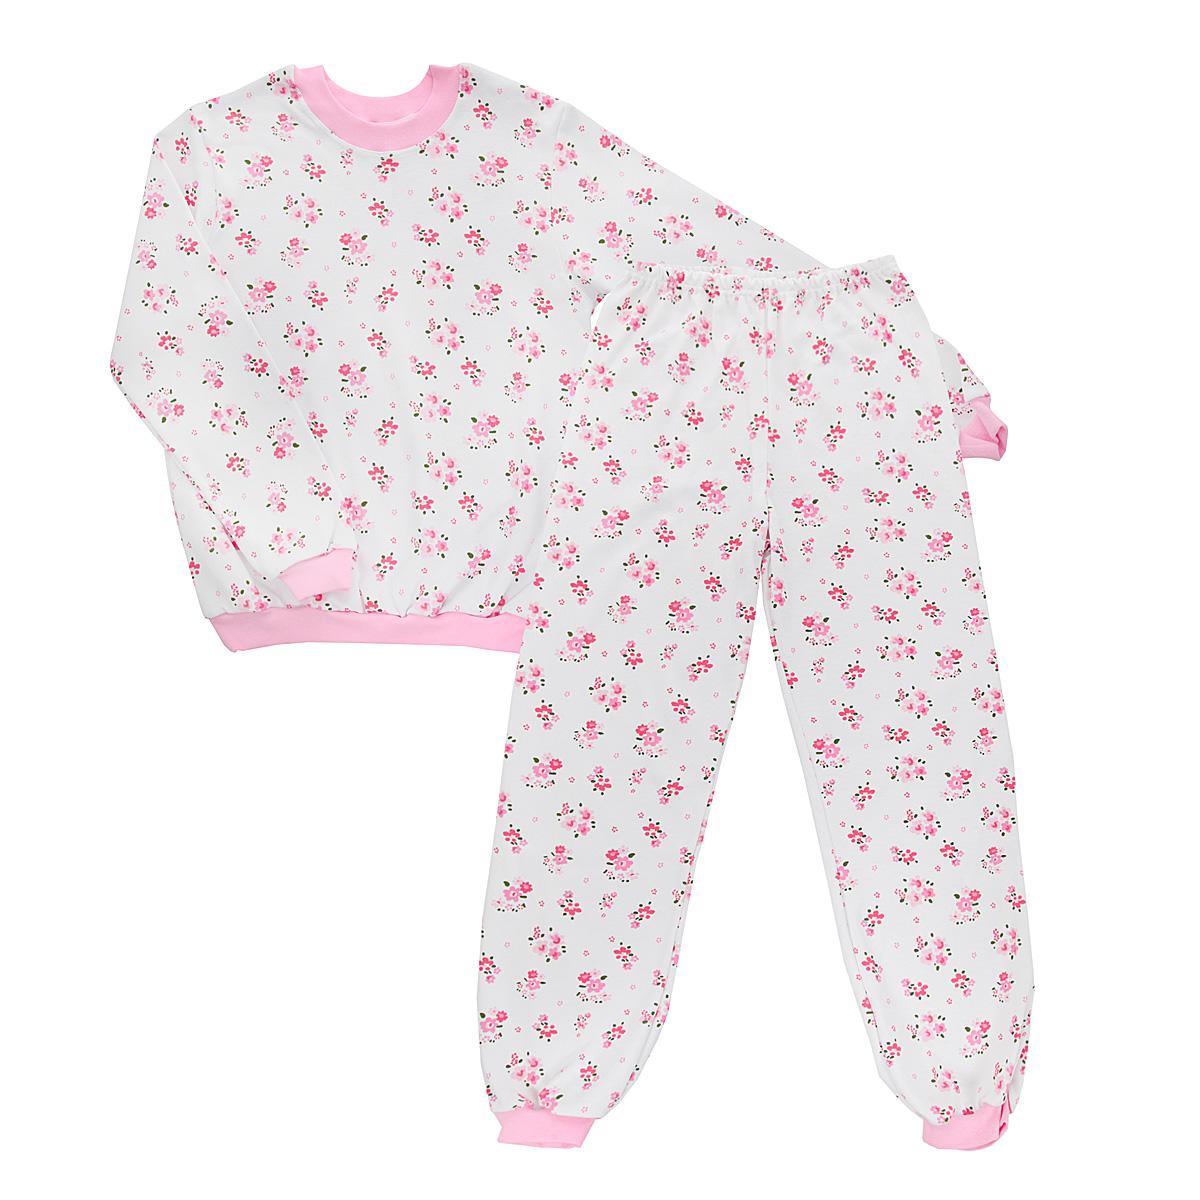 Пижама5555_цветыУютная пижама для девочки Трон-плюс, состоящая из джемпера и брюк, идеально подойдет вашему ребенку и станет отличным дополнением к детскому гардеробу. Изготовленная из натурального хлопка, она необычайно мягкая и легкая, не сковывает движения, позволяет коже дышать и не раздражает даже самую нежную и чувствительную кожу ребенка. Джемпер с длинными рукавами имеет круглый вырез горловины. Низ изделия, рукава и вырез горловины дополнены широкой трикотажной резинкой контрастного цвета. Брюки на талии имеют эластичную резинку, благодаря чему не сдавливают живот ребенка и не сползают. Низ брючин дополнен широкими эластичными манжетами контрастного цвета. Оформлено изделие ненавязчивым цветочным принтом. В такой пижаме ваша дочурка будет чувствовать себя комфортно и уютно во время сна.